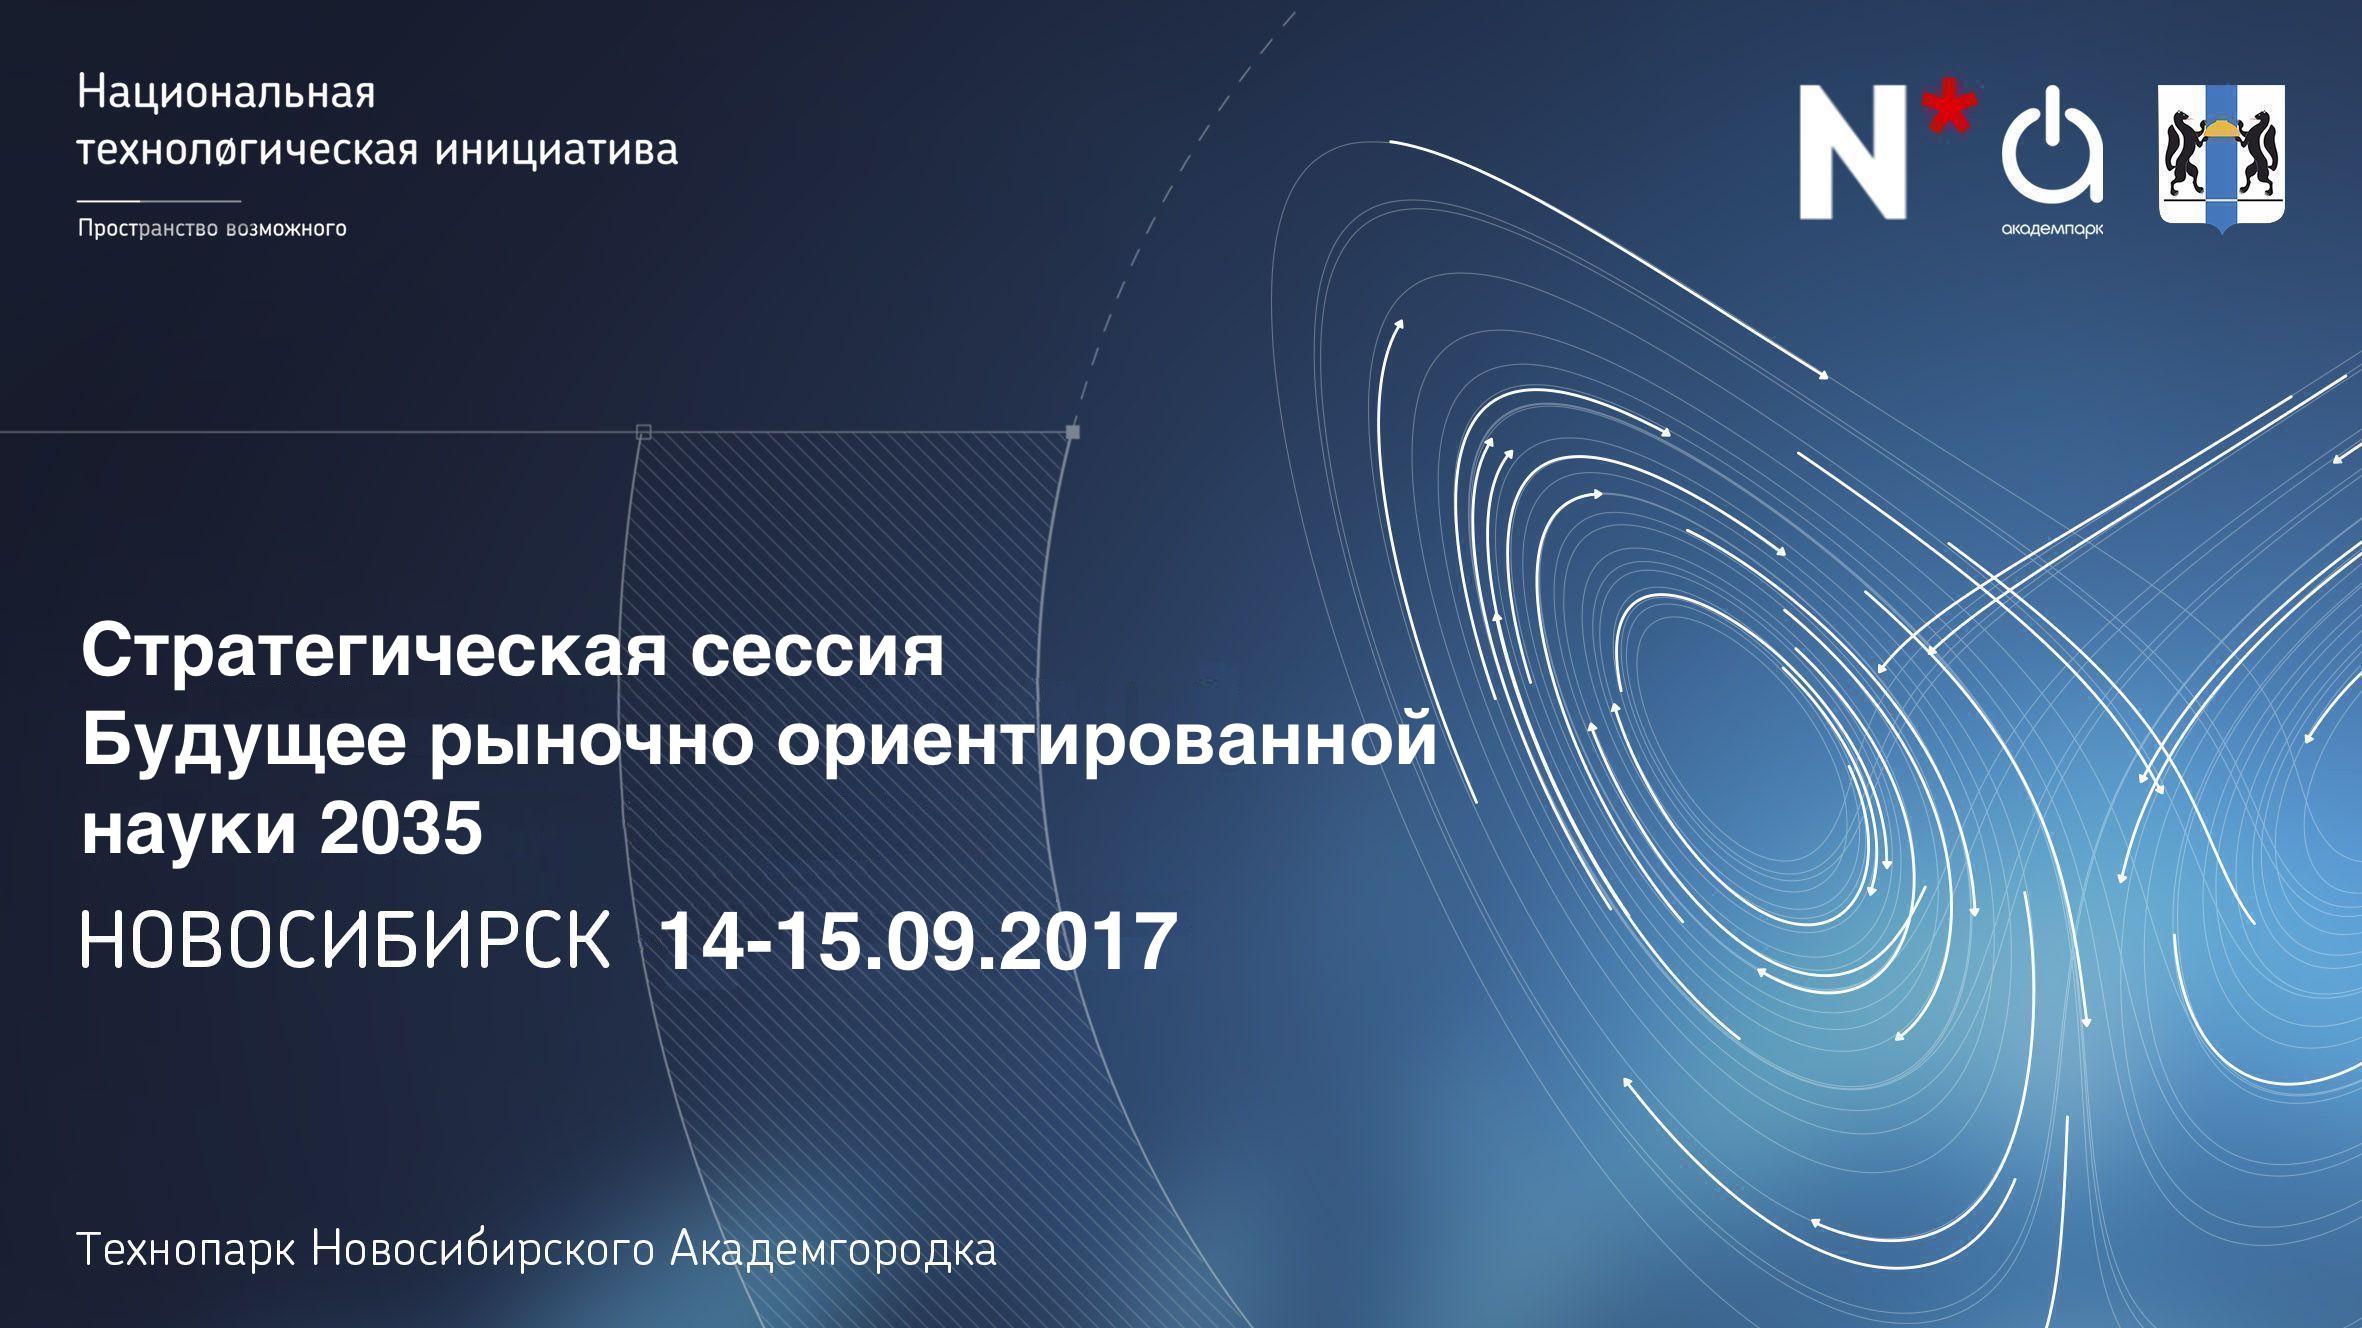 Стратегическая сессия «Будущее рыночно ориентированной науки 2035»